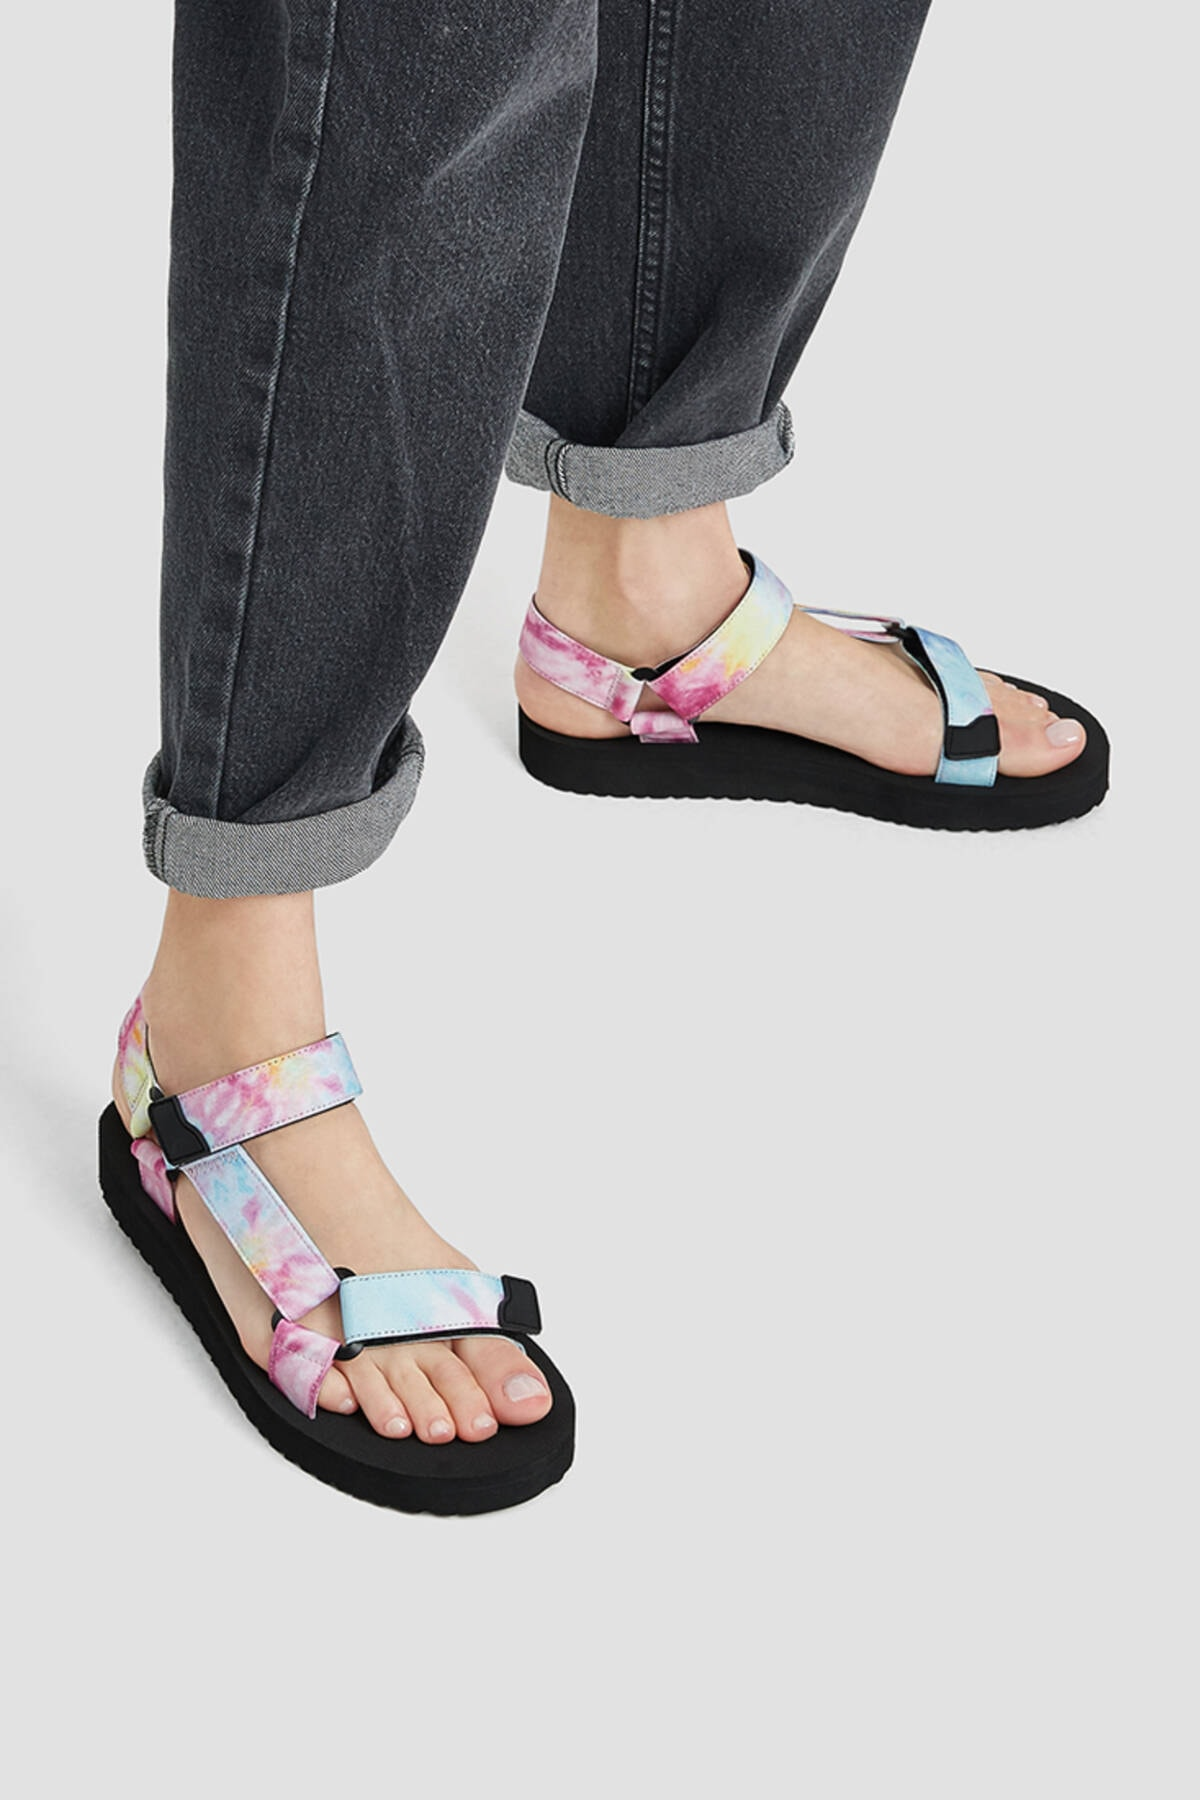 Pull & Bear Kadın Renkli Düz Bantlı Ve Tokalı Batik Desenli Sandalet 11704740 1